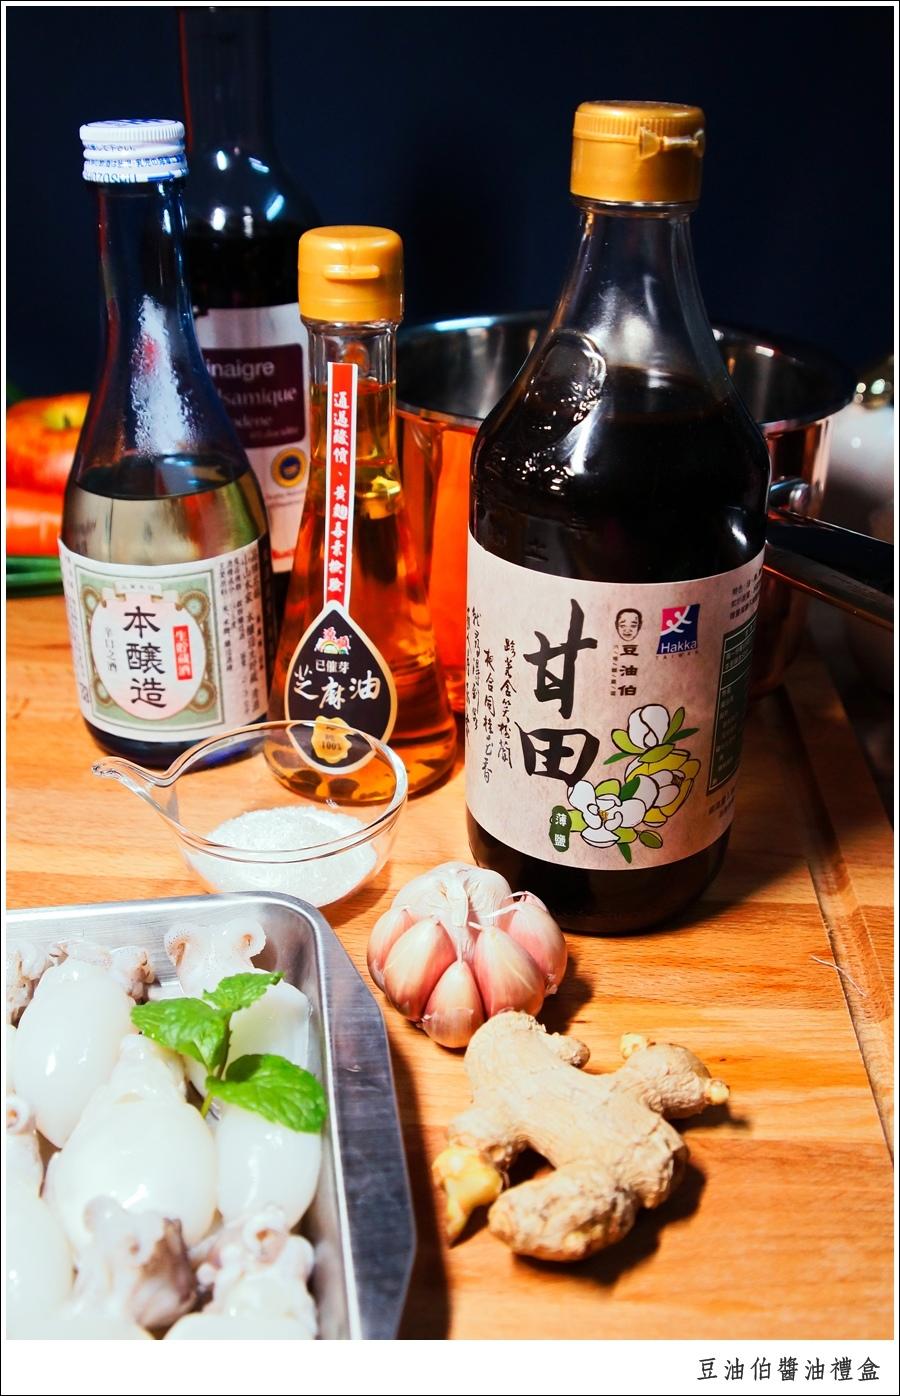 甜釀花枝寶寶-醬油料理推薦-豆油伯醬油伴手禮盒3-millychun0032.jpg